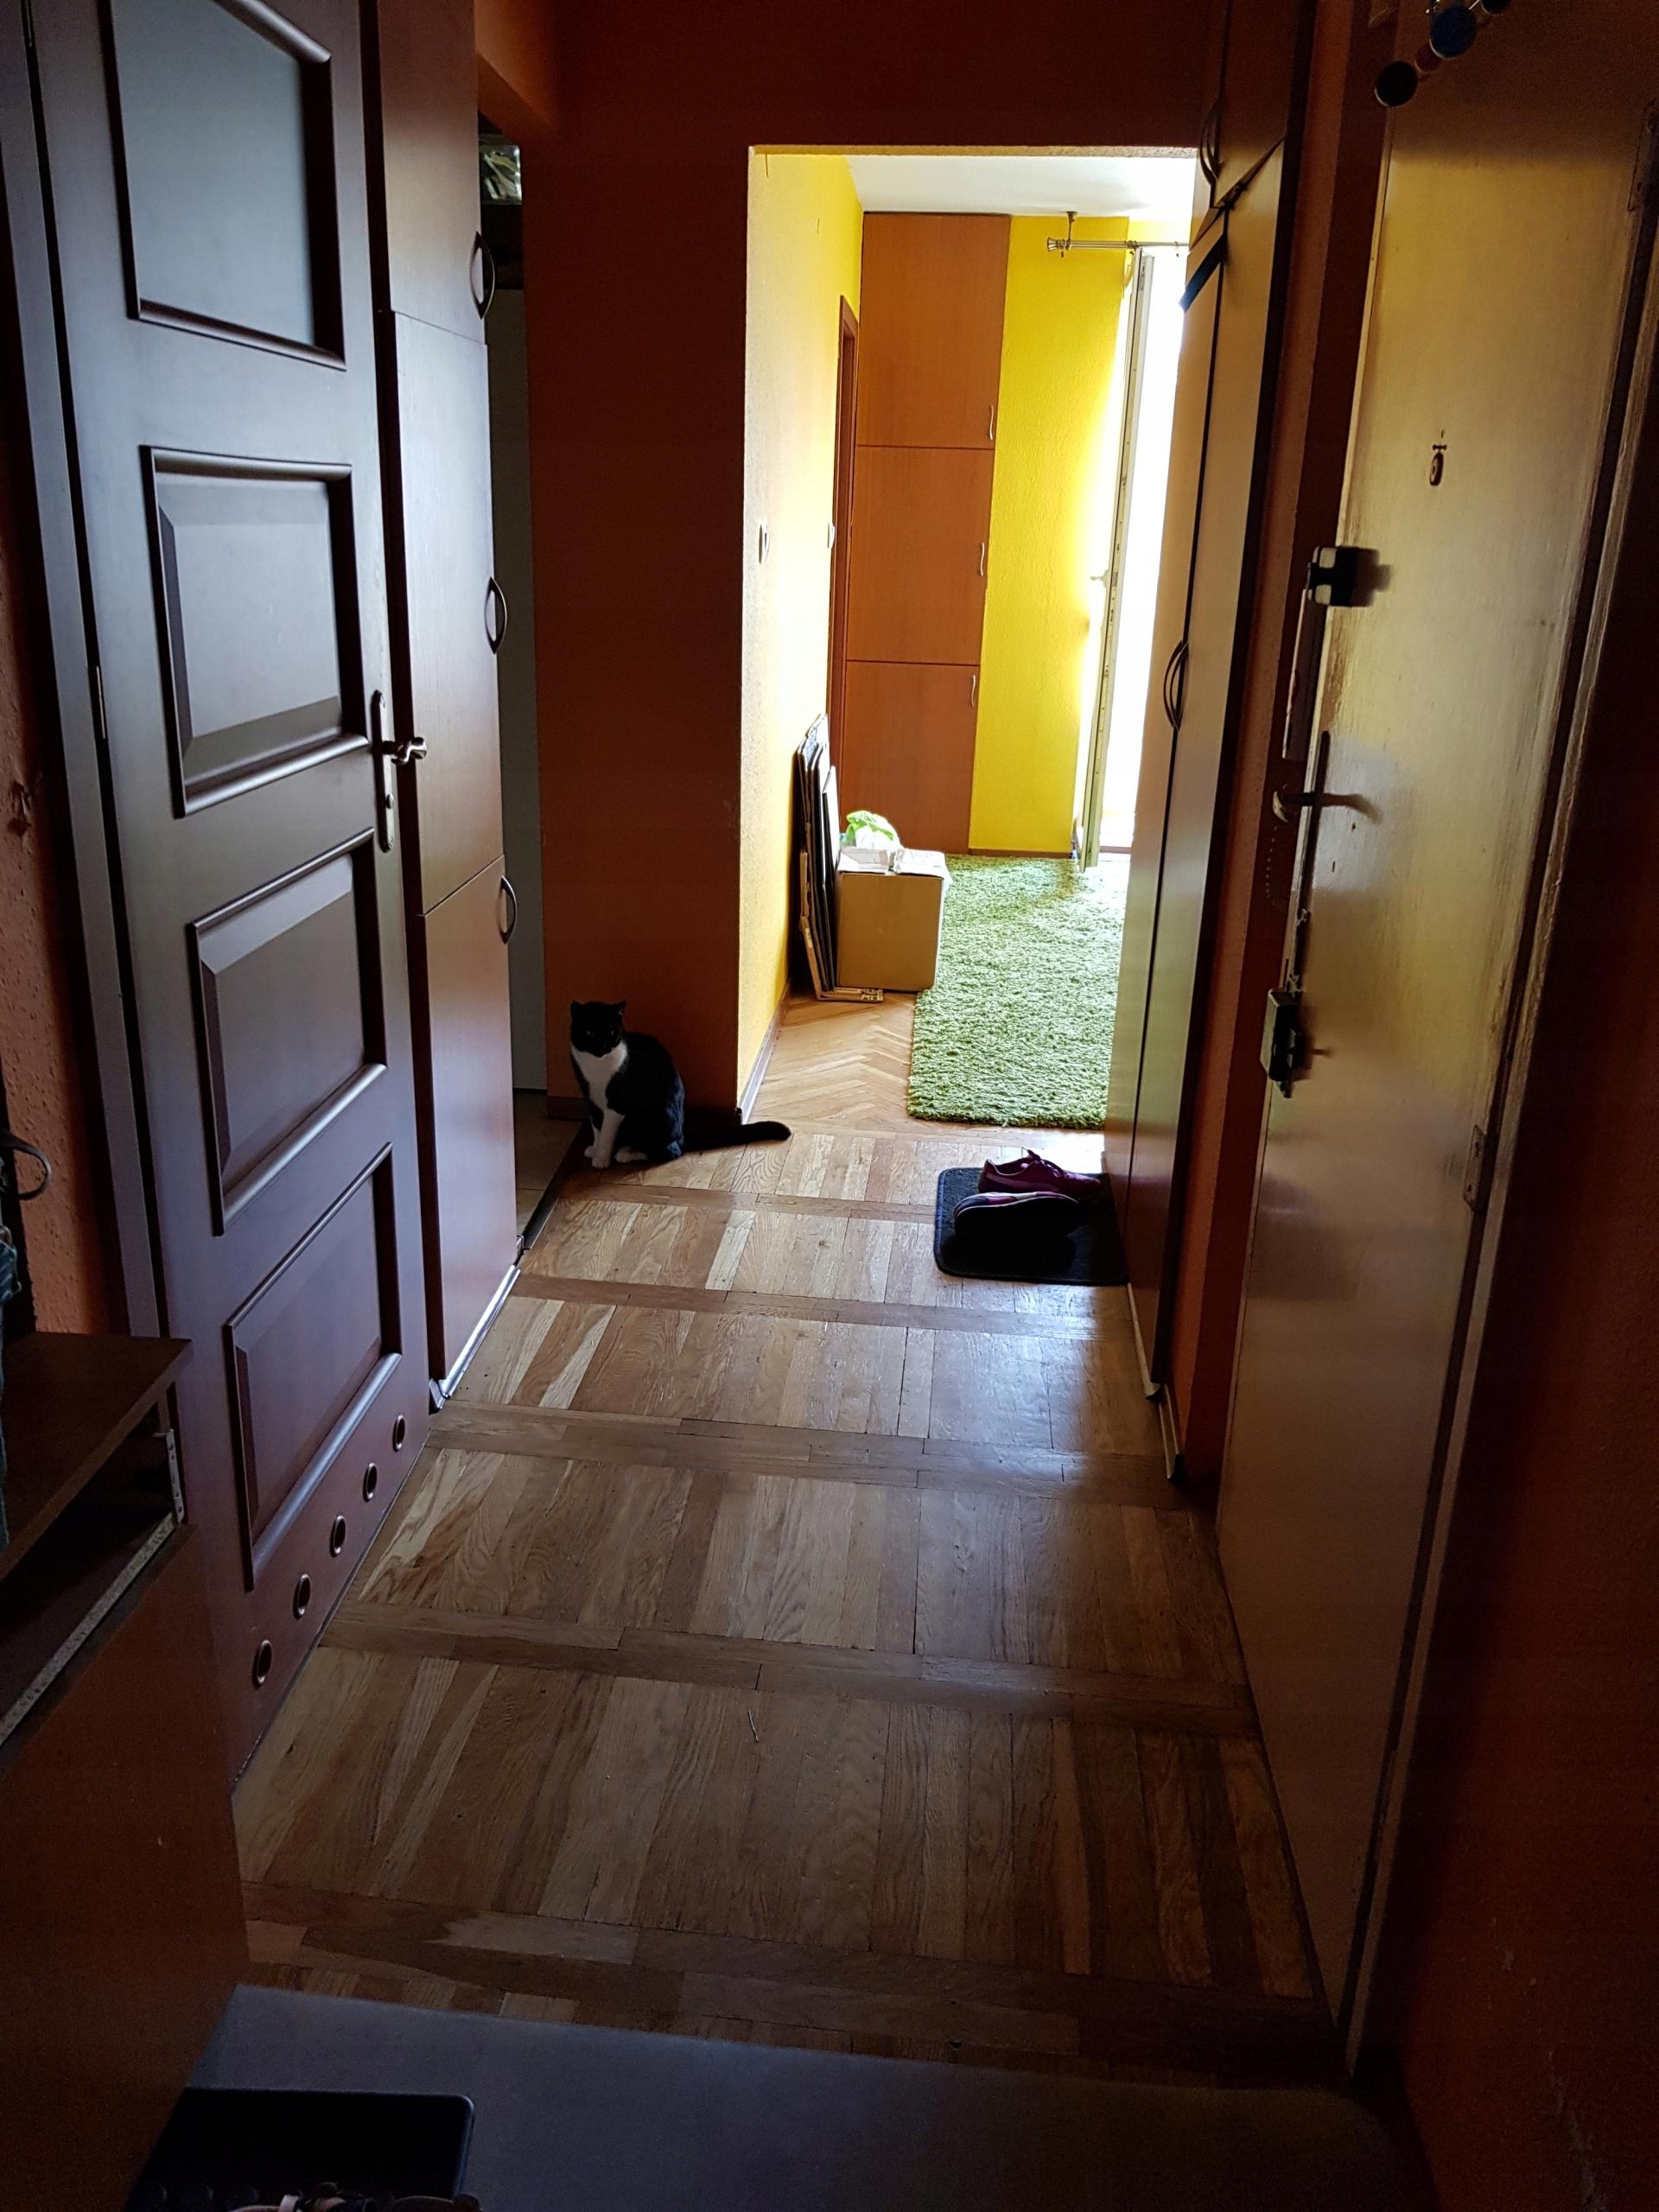 Ogromny Sprzedam mieszkanie Warszawa Bielany Bezposrednio - 7538397795 TO63